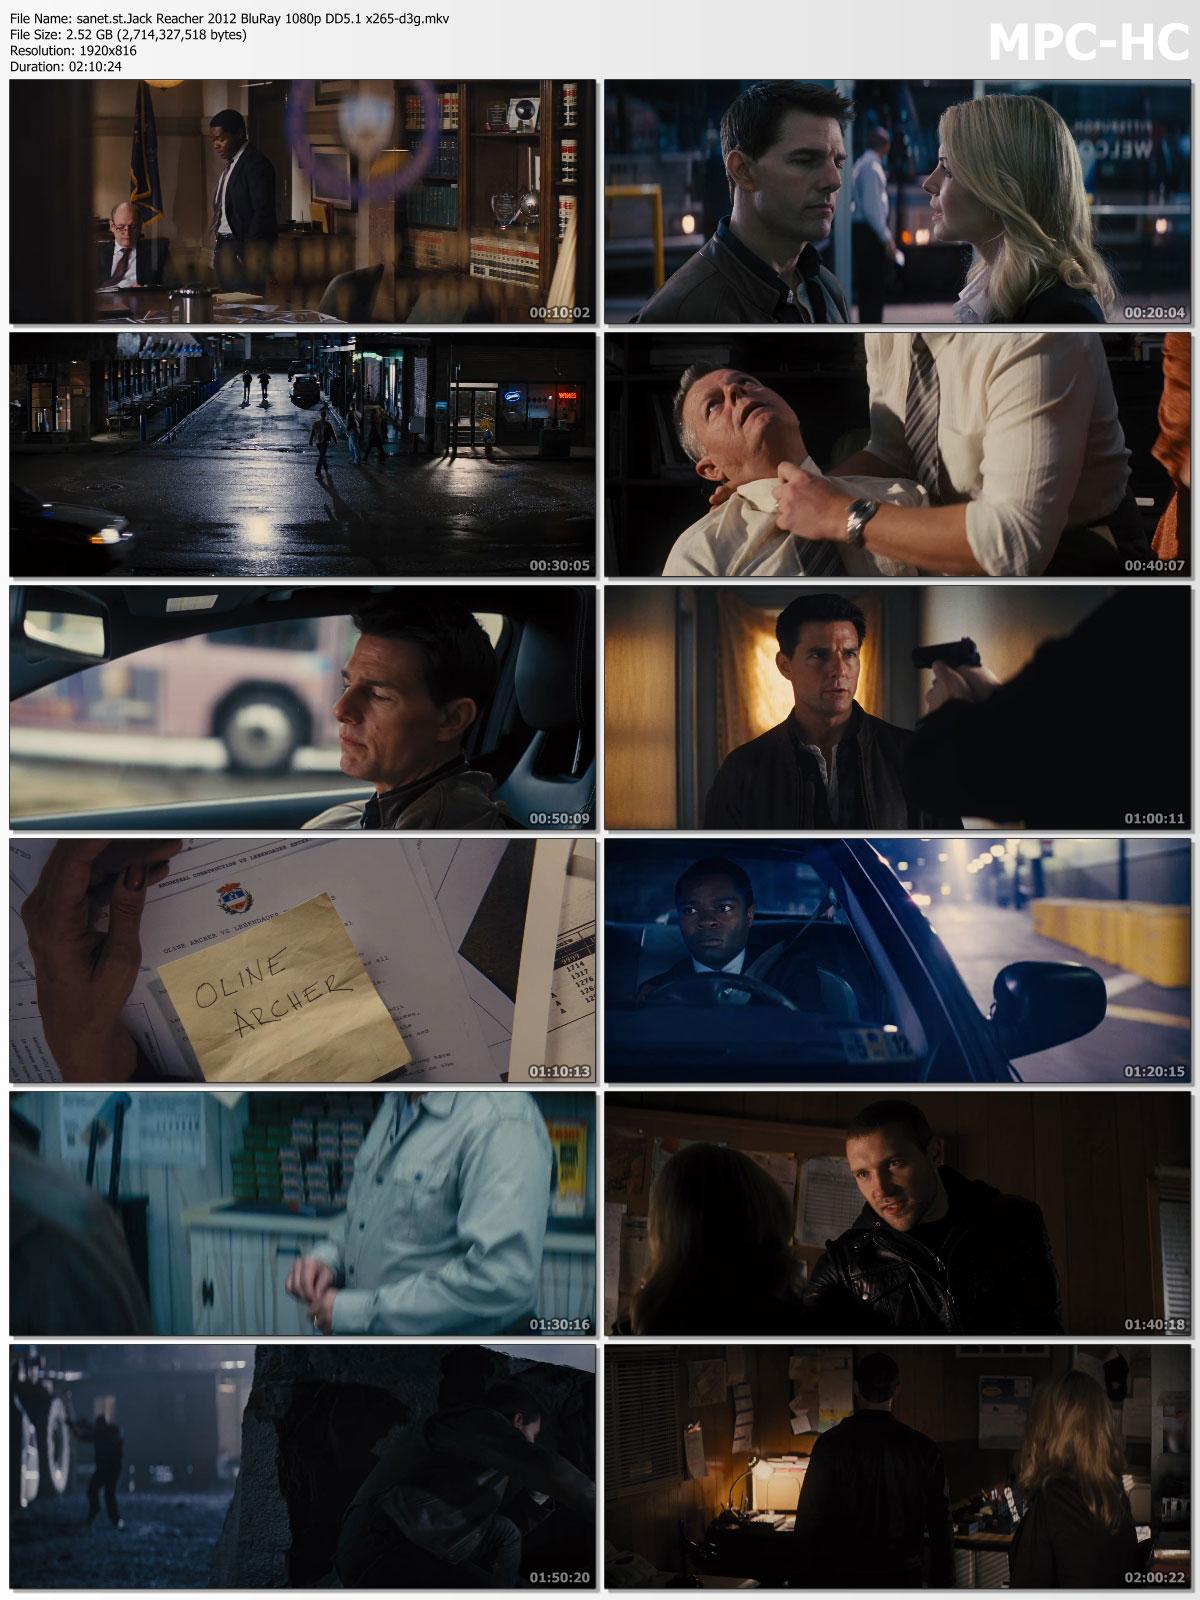 Download Jack Reacher 2012 BluRay 1080p DD5 1 x265-d3g - SoftArchive